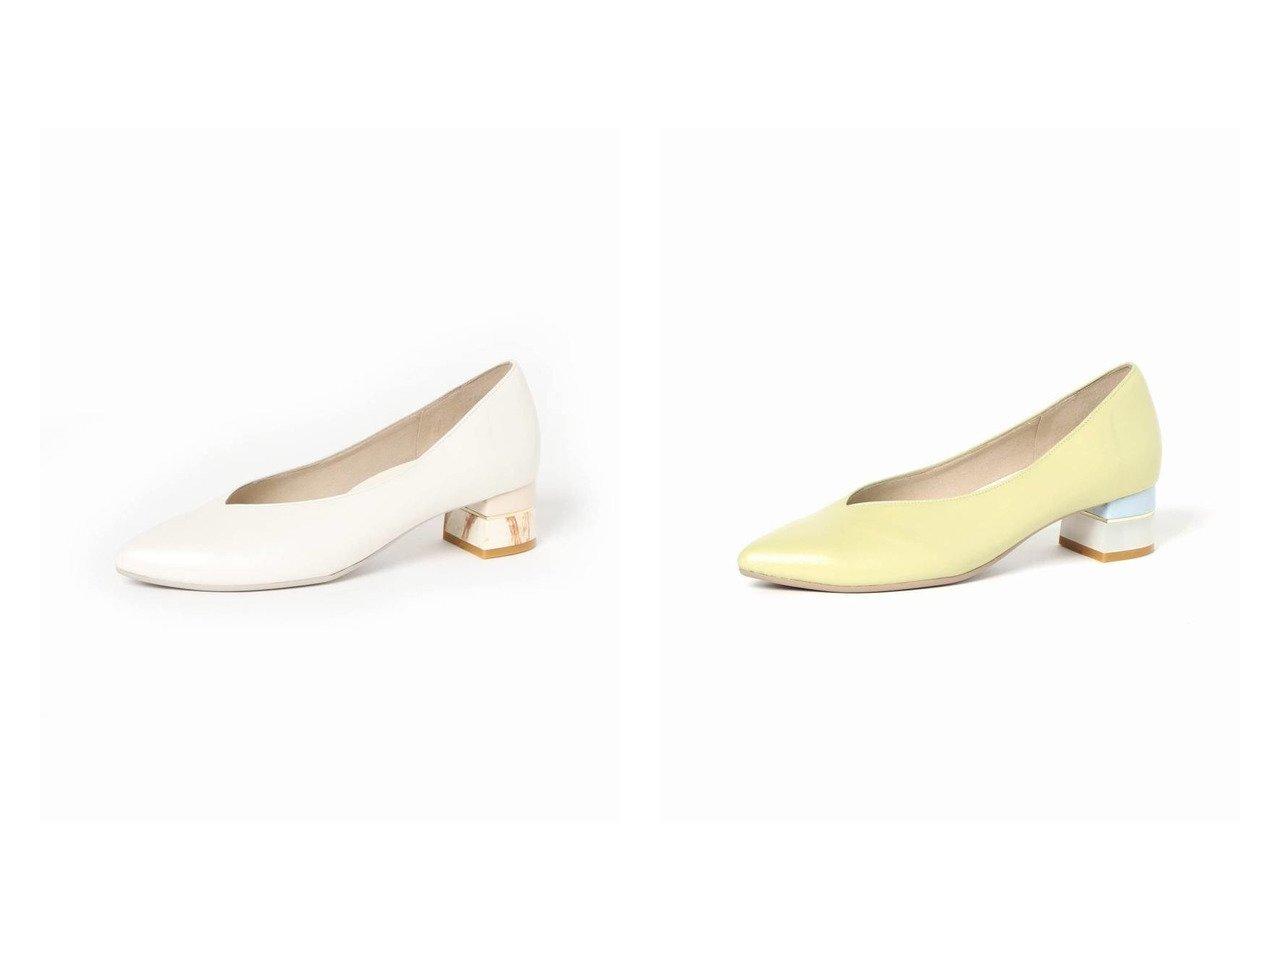 【Le Talon/ル タロン】の4cmレインコンビヒールパンプス 【シューズ・靴】おすすめ!人気、トレンド・レディースファッションの通販 おすすめで人気の流行・トレンド、ファッションの通販商品 インテリア・家具・メンズファッション・キッズファッション・レディースファッション・服の通販 founy(ファニー) https://founy.com/ ファッション Fashion レディースファッション WOMEN インソール インナー クッション 抗菌 シューズ スエード レイン 2021年 2021 S/S・春夏 SS・Spring/Summer 2021春夏・S/S SS/Spring/Summer/2021 NEW・新作・新着・新入荷 New Arrivals おすすめ Recommend |ID:crp329100000050320